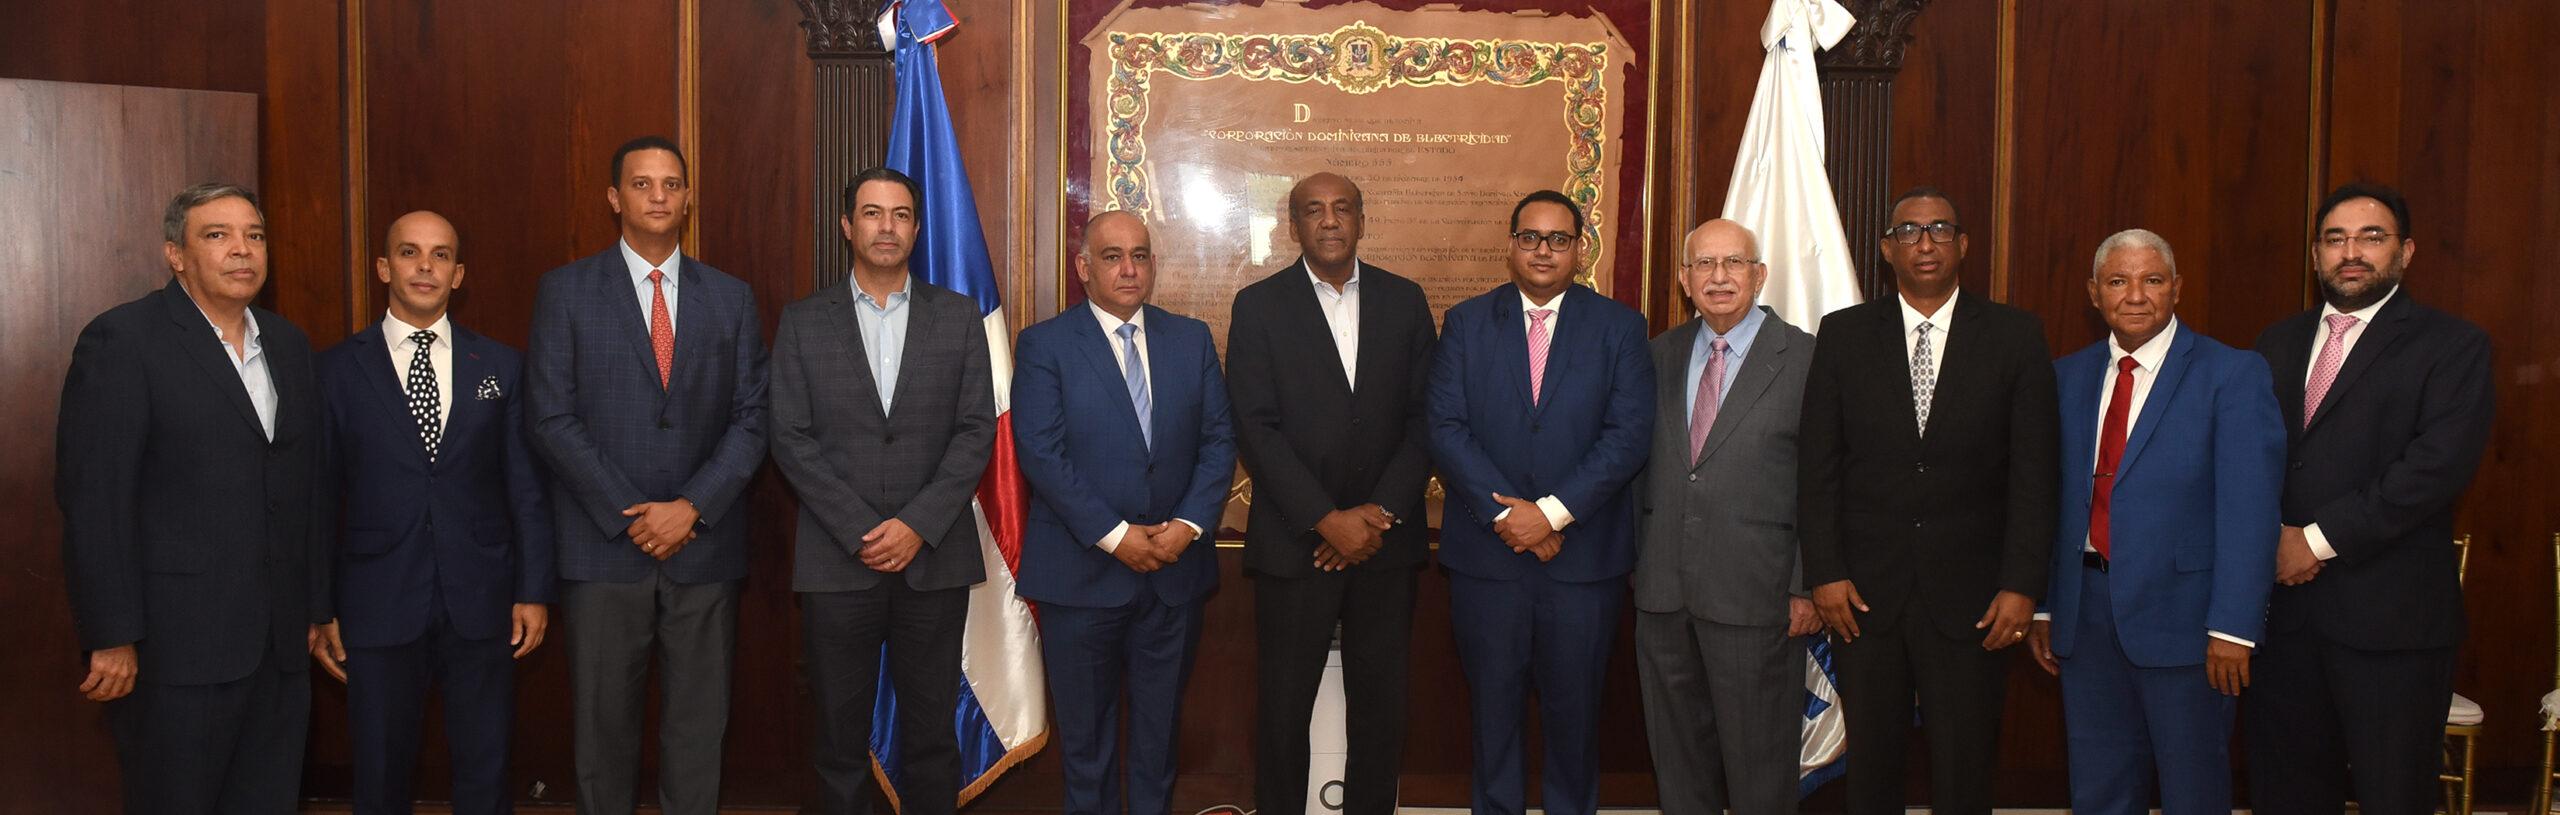 Primera Reunión del Consejo Unificado adopta resoluciones en favor del sector